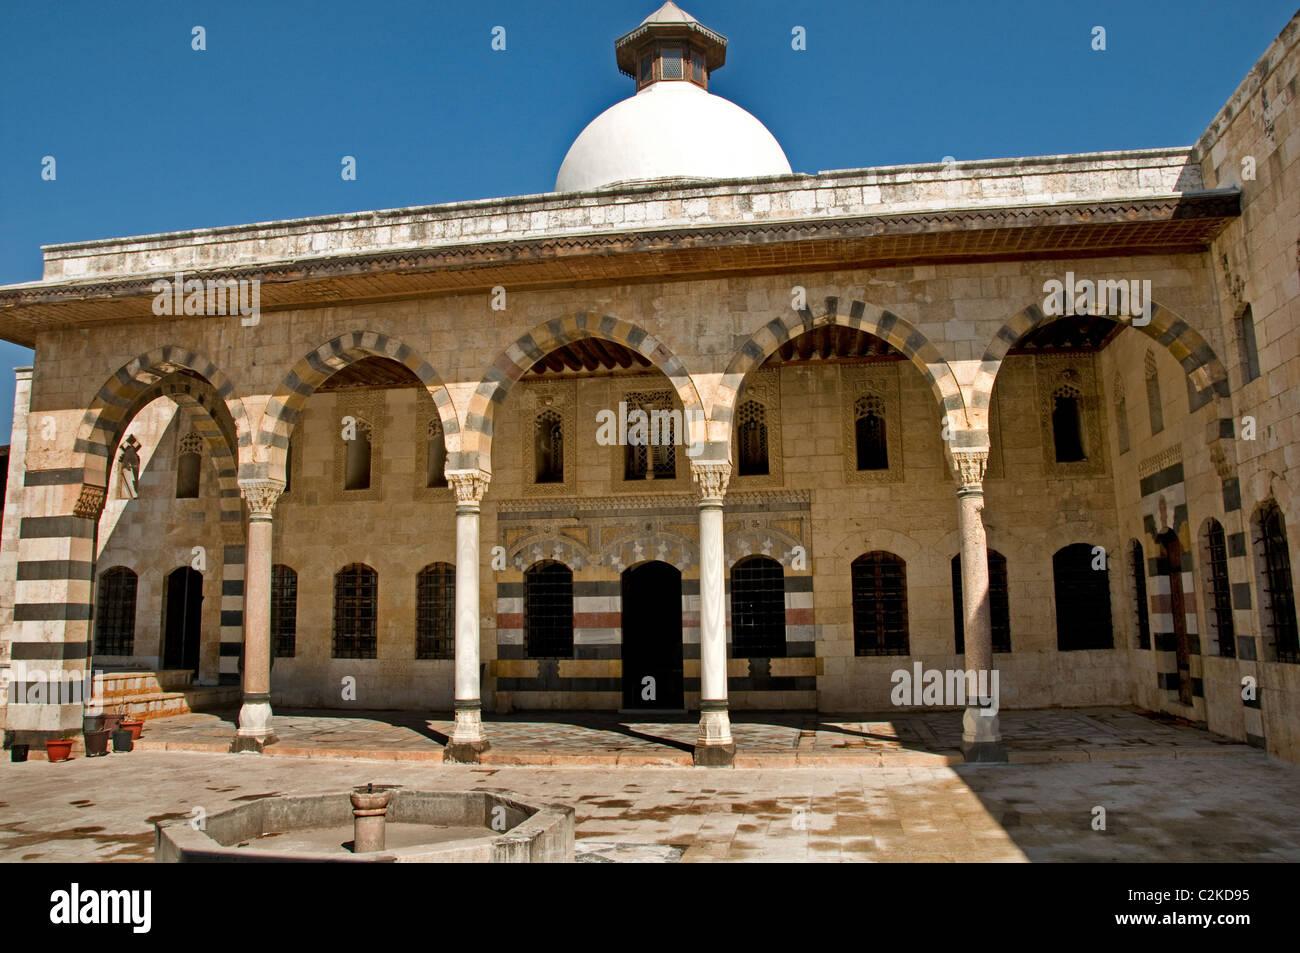 Azem Palast osmanischen Wohn Hama Syrien syrische Stockbild